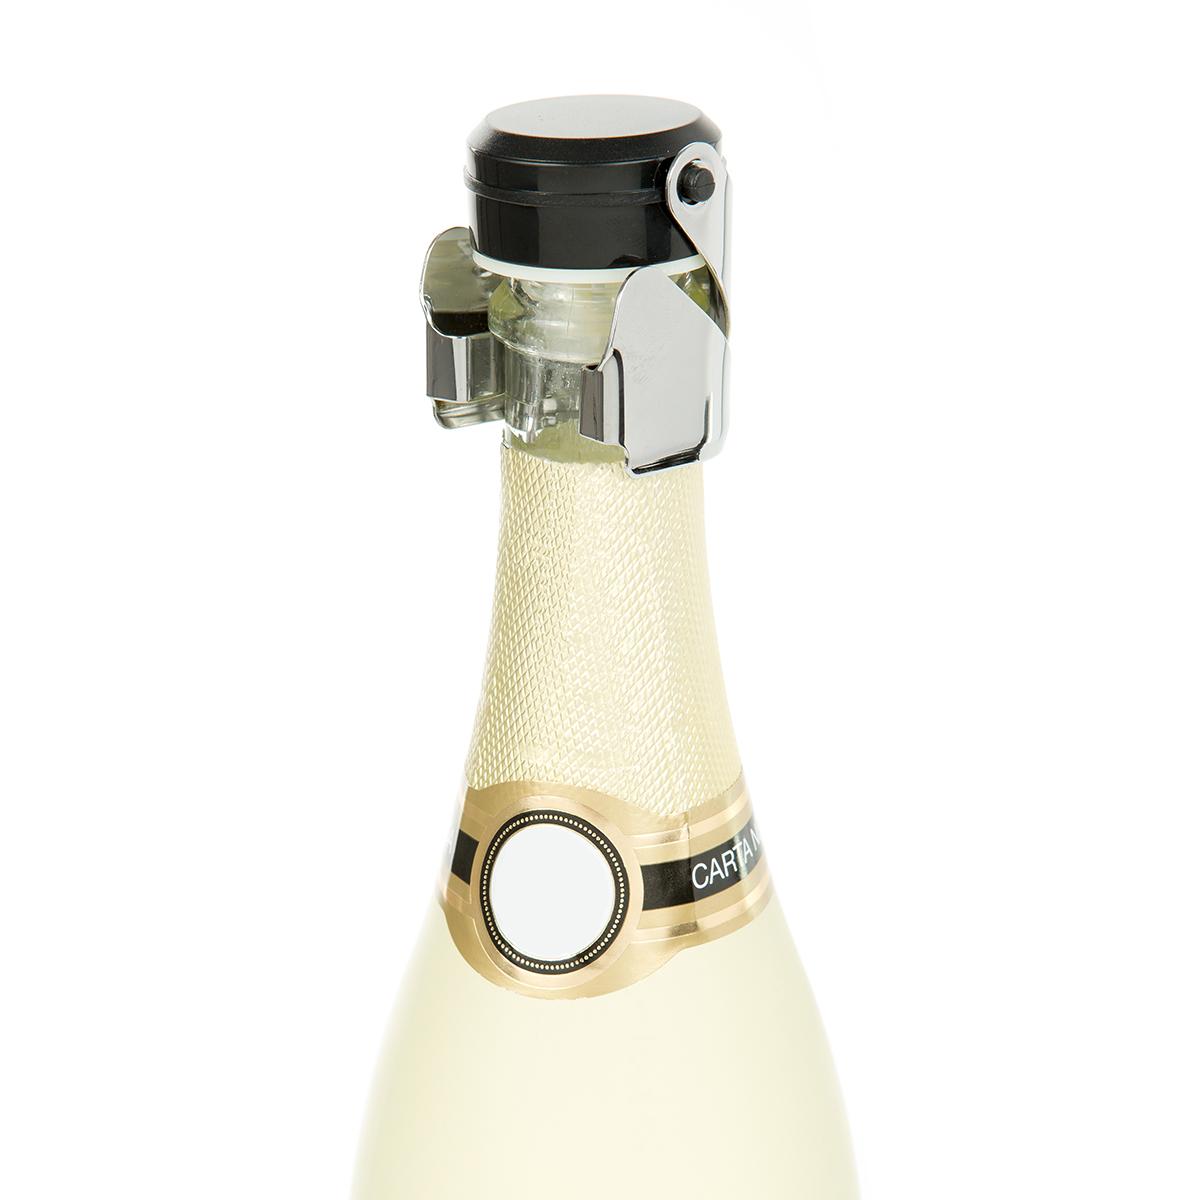 Пробка для шампанского Koala, цвет серебряный